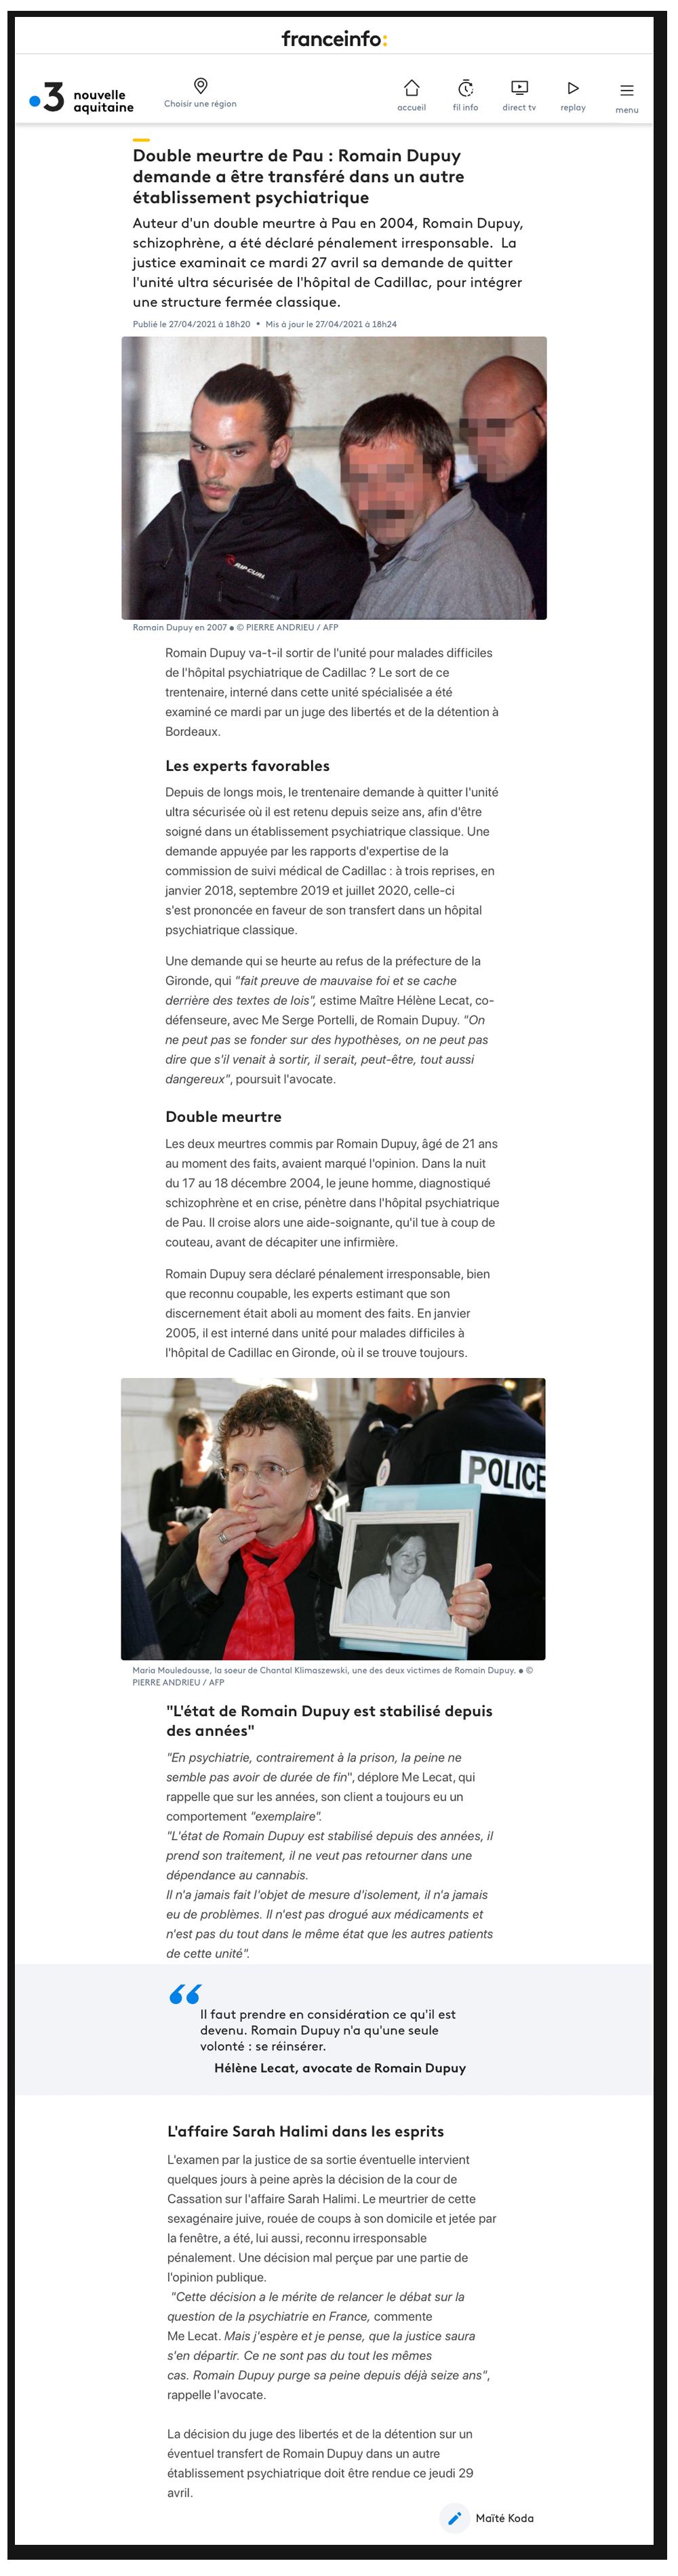 Double meurtre de Pau : Romain Dupuy demande a être transféré dans un autre établissement psychiatrique